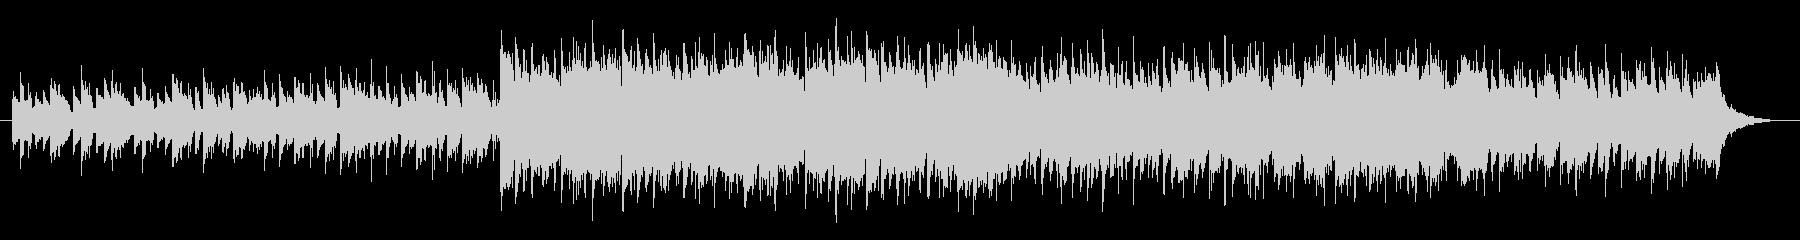 民族調オーケストラRPGスーファミverの未再生の波形